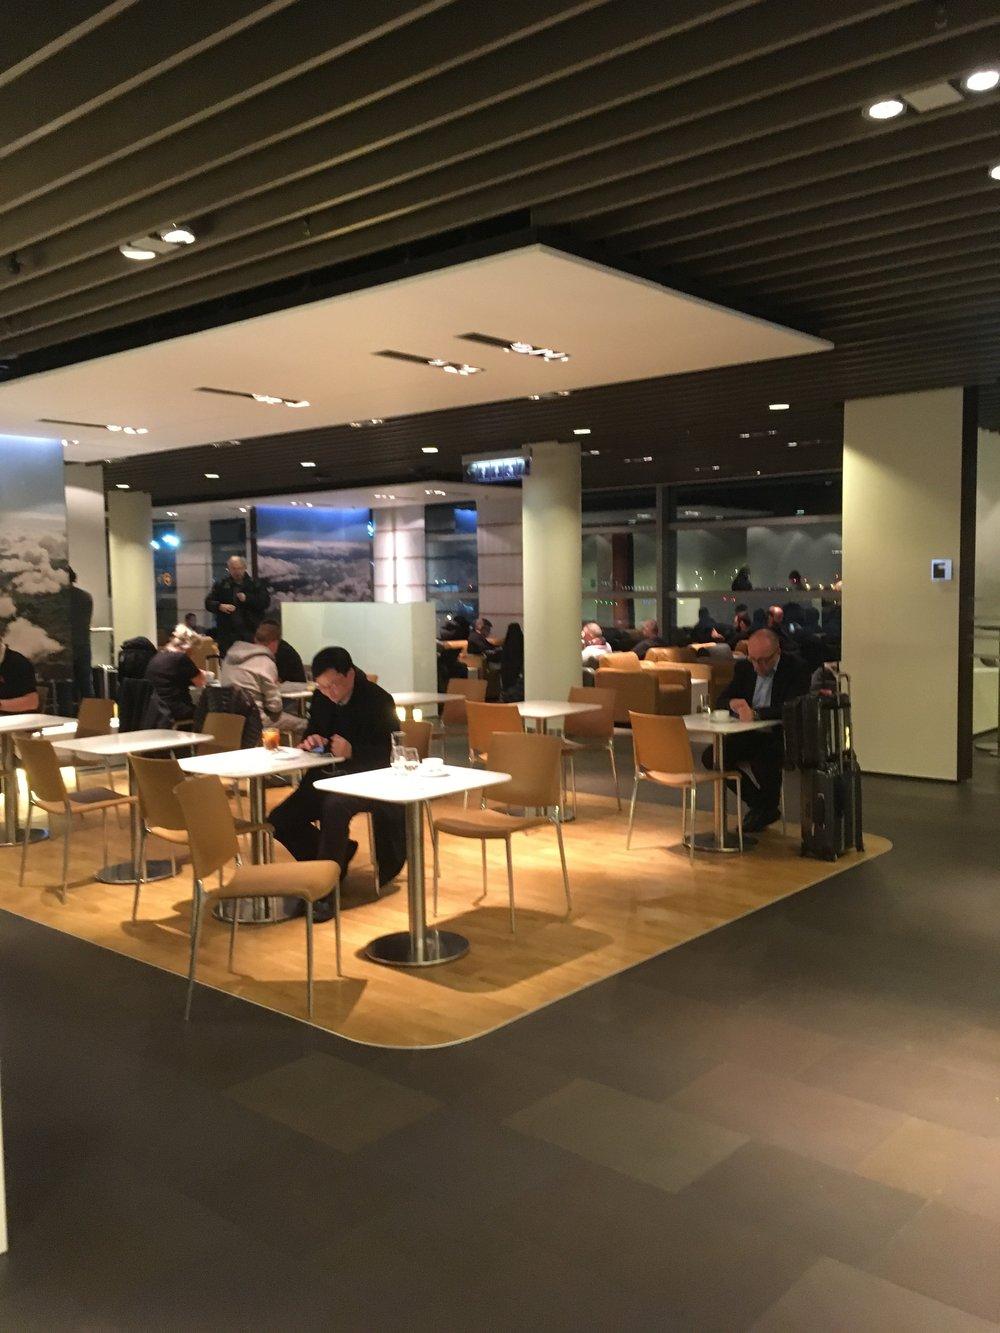 Lufthansa Business Lounge Schengen Terminal A - Frankfurt